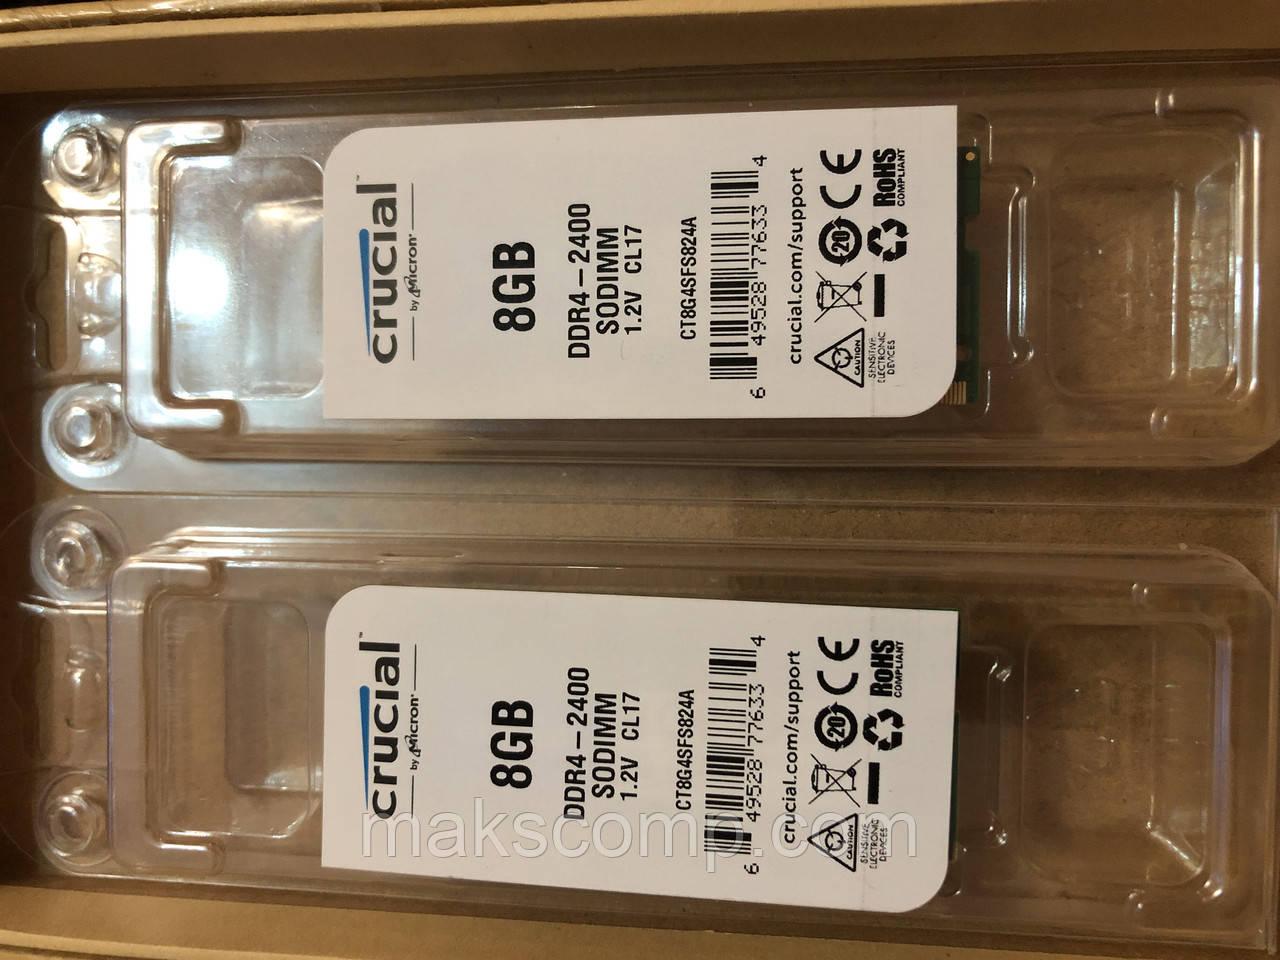 Память Crucial 16 (2x8) Gb  PC4  DDR4-2400  So Dimm